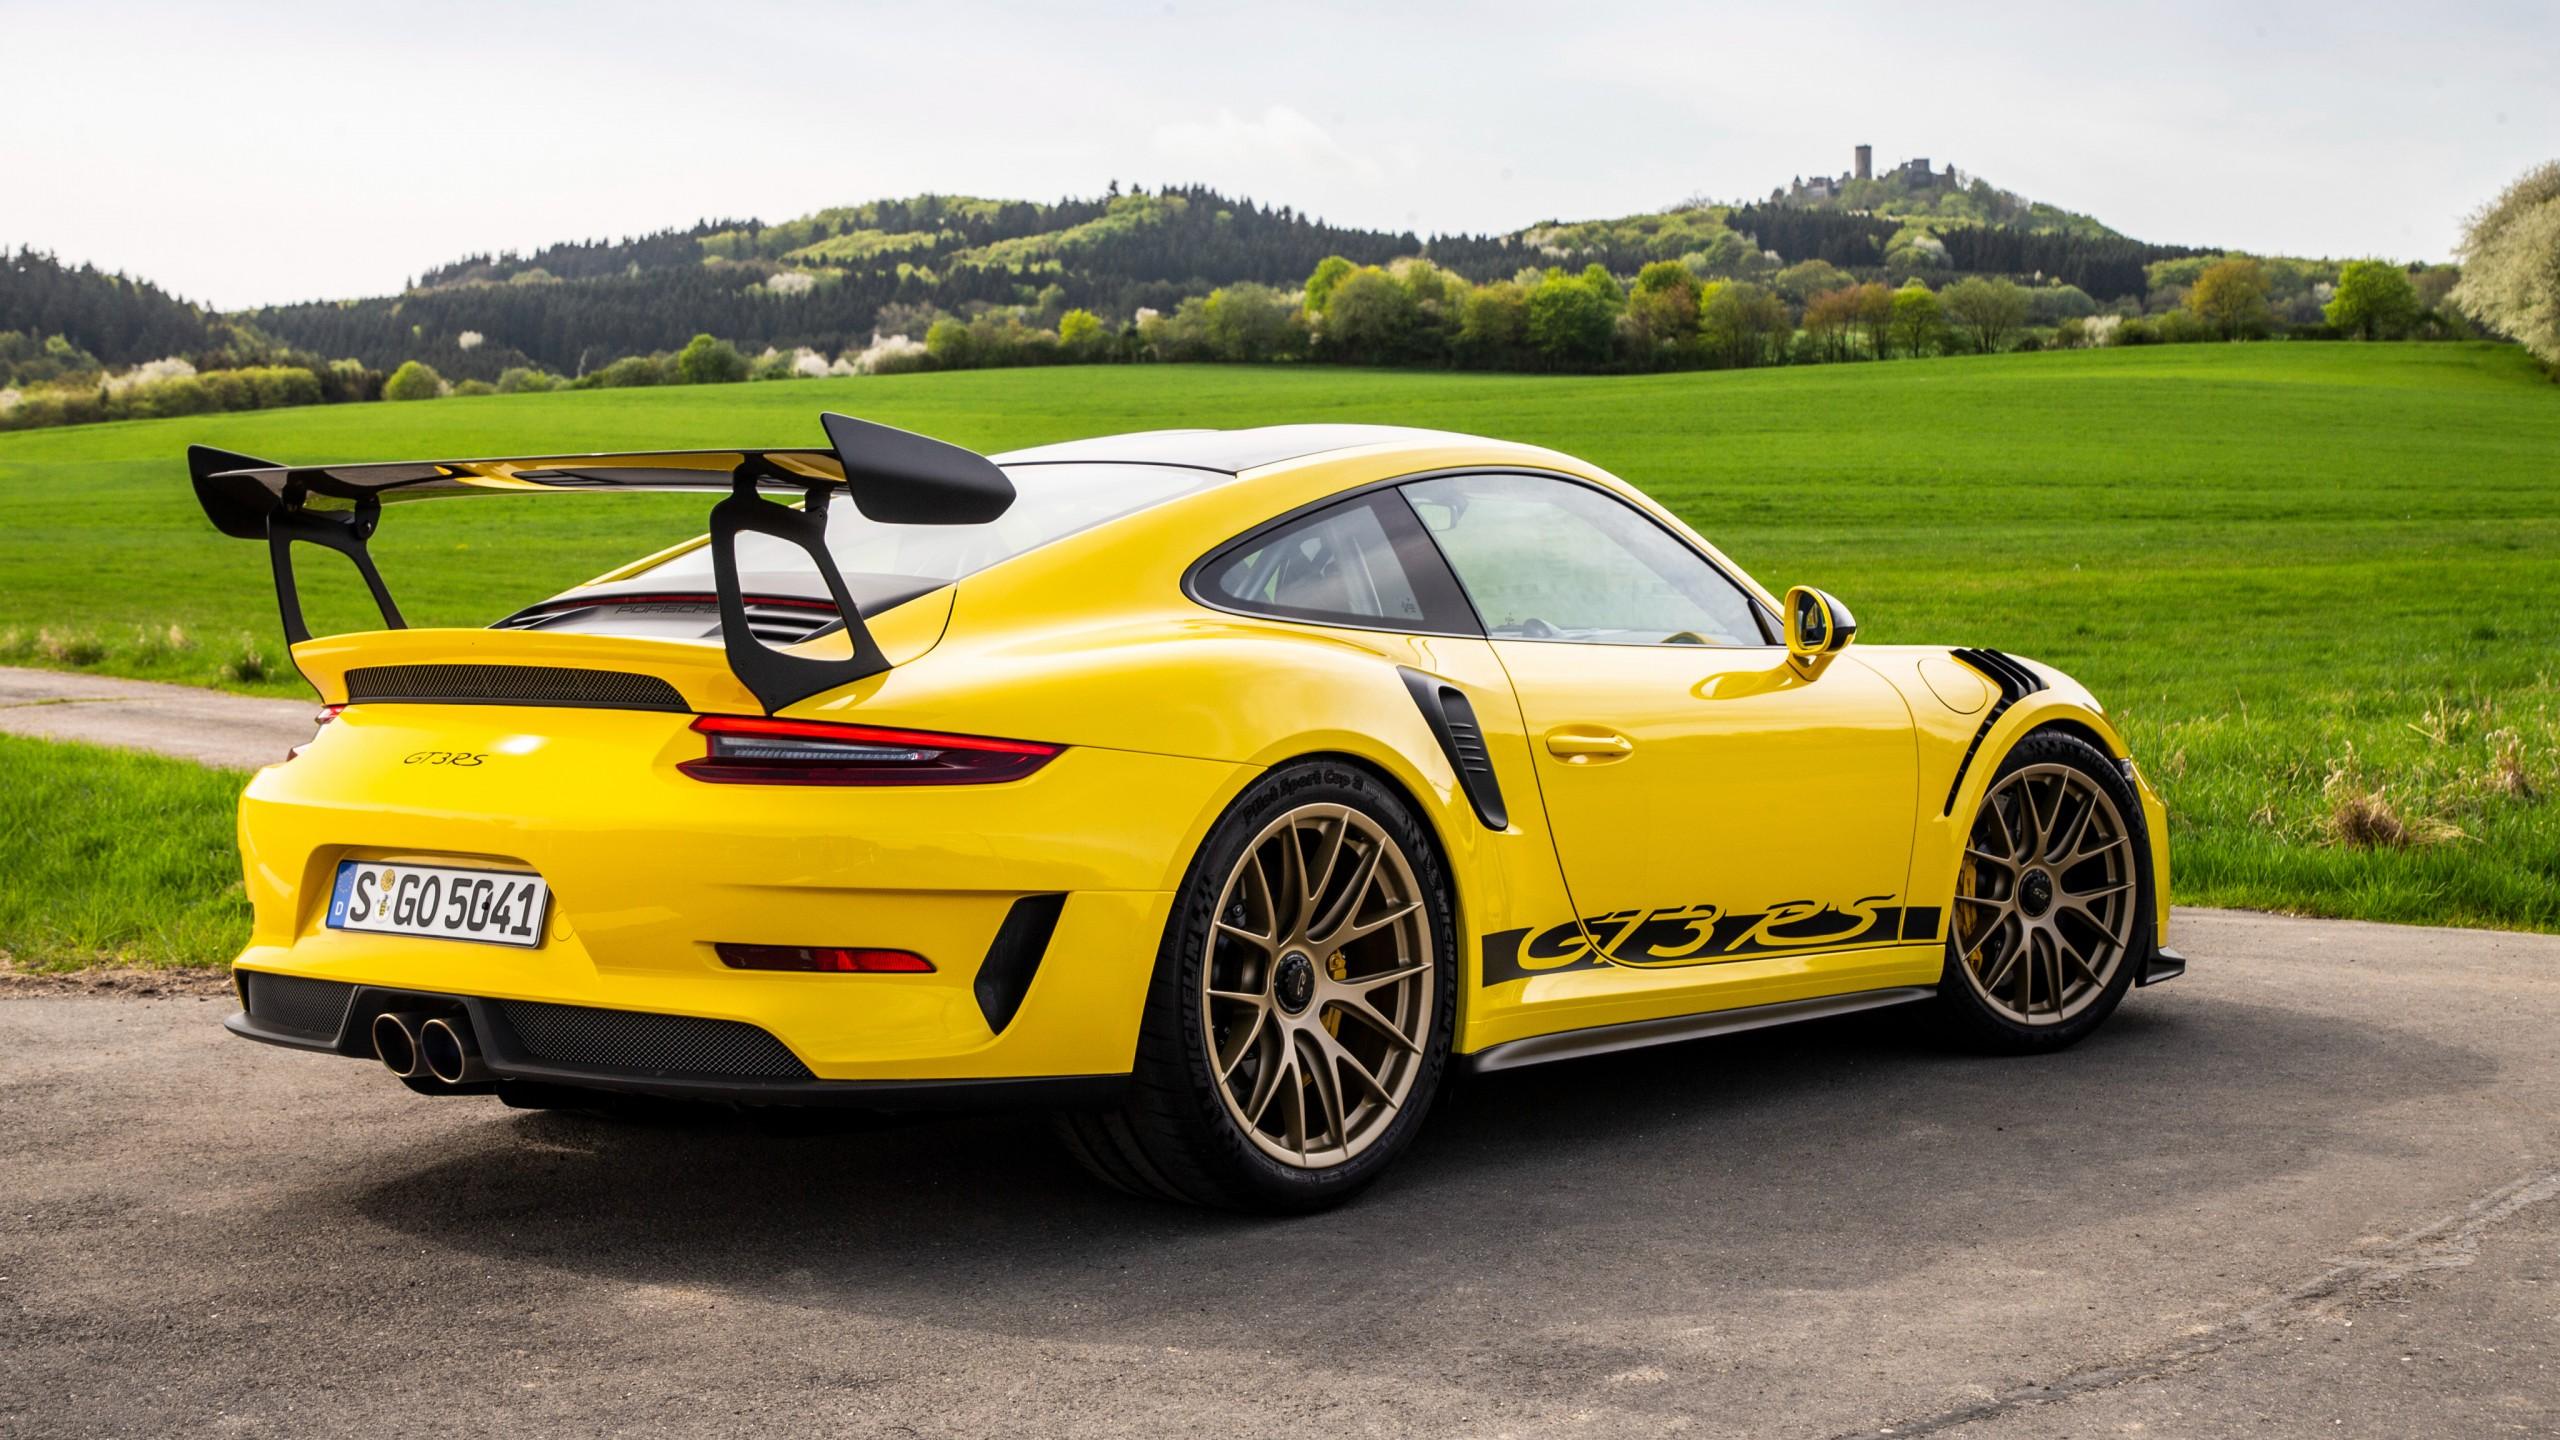 Ferrari Wallpaper Iphone 4 2018 Porsche 911 Gt3 Rs Weissach Package 4k 2 Wallpaper